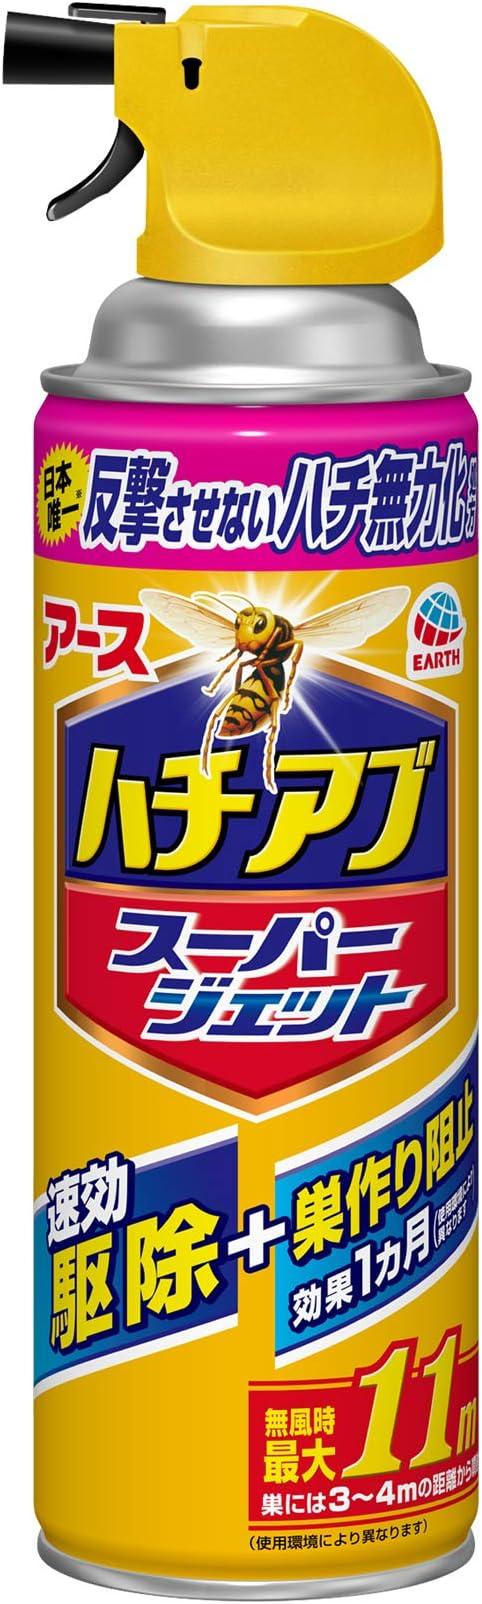 ない アシナガバチ を 作ら に 巣 方法 せ